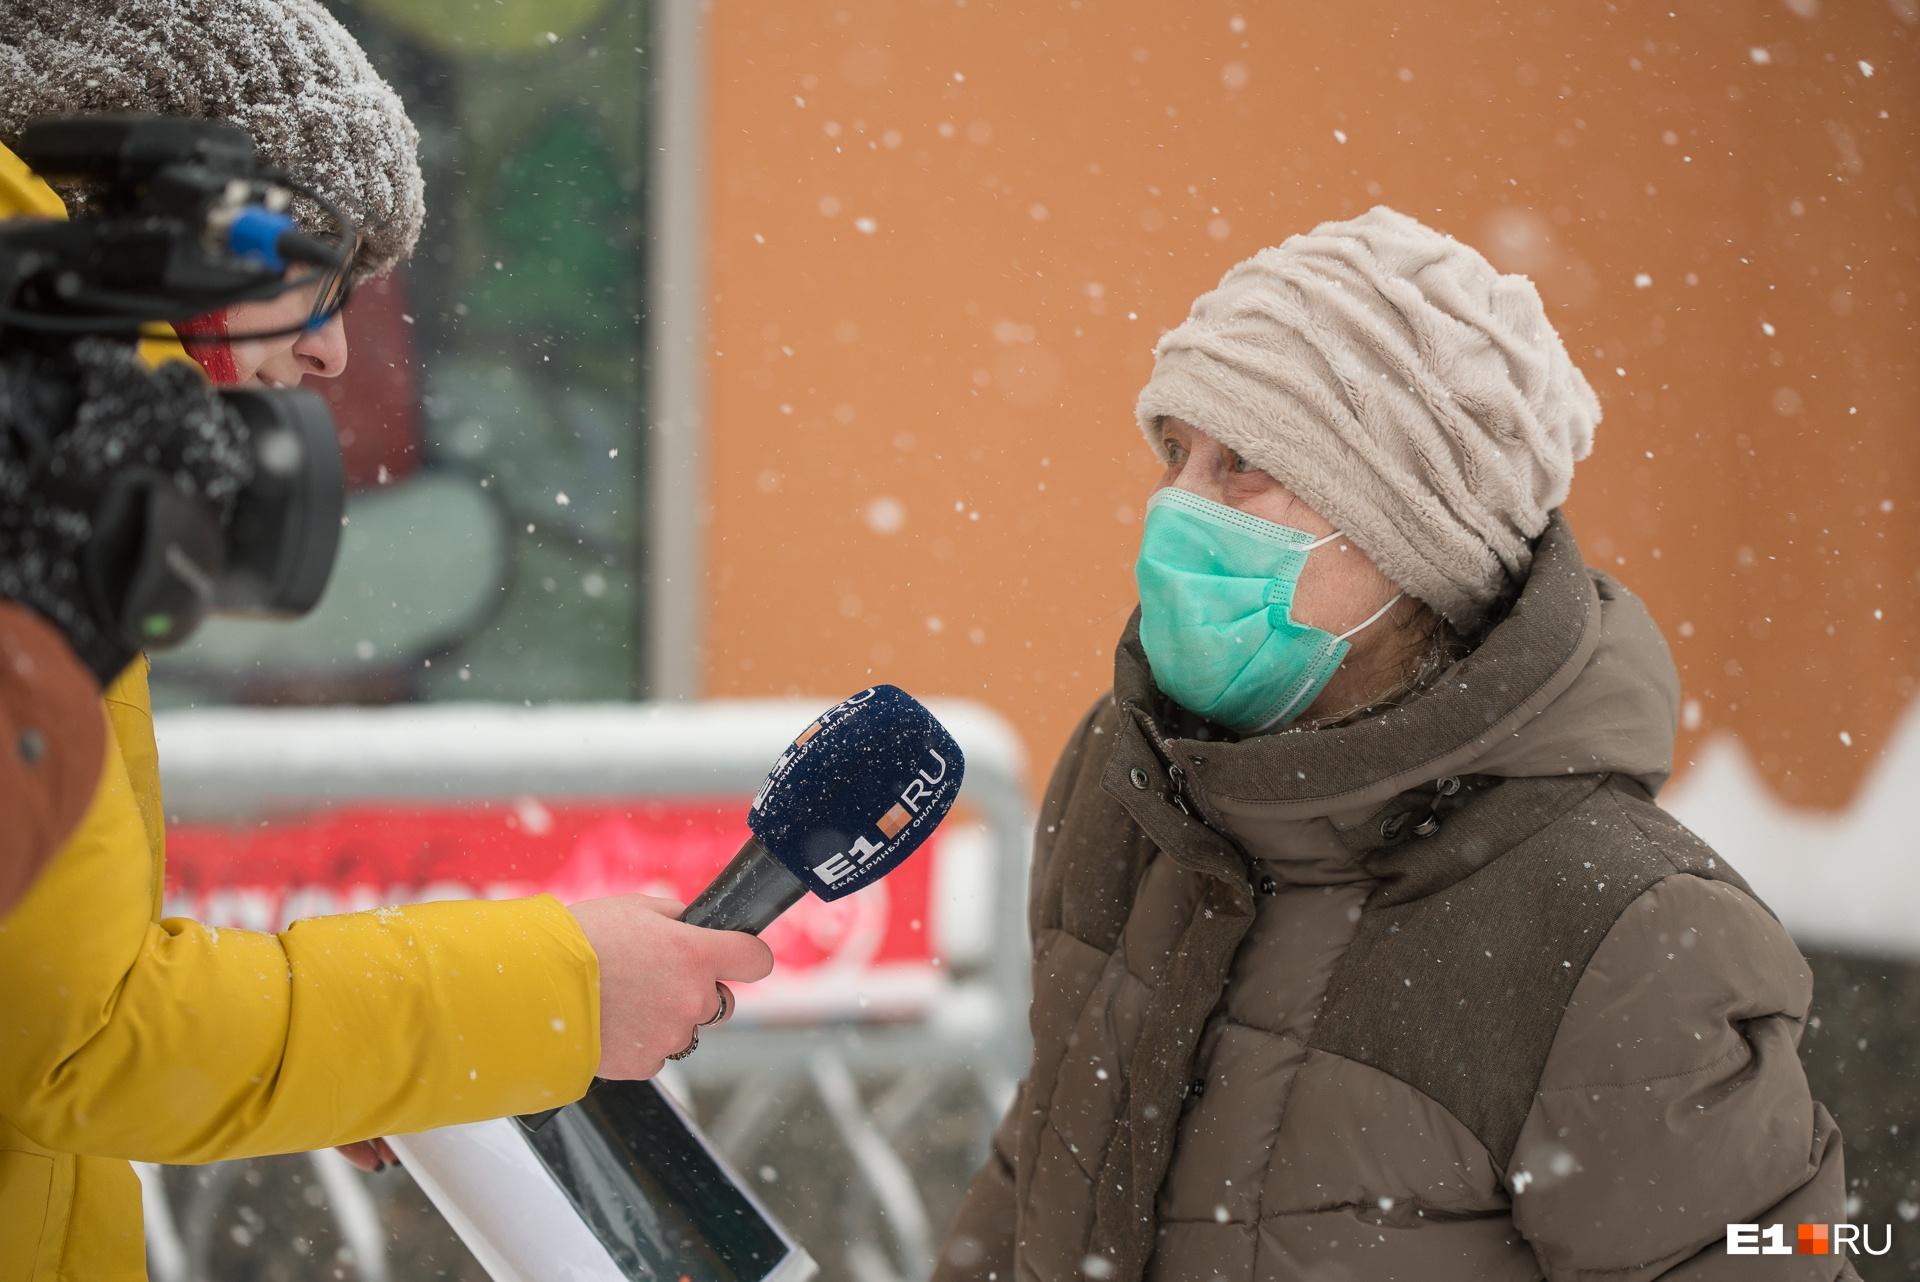 Женщина уверена, что в первую очередь в городе нужно заняться проблемами здравоохранения